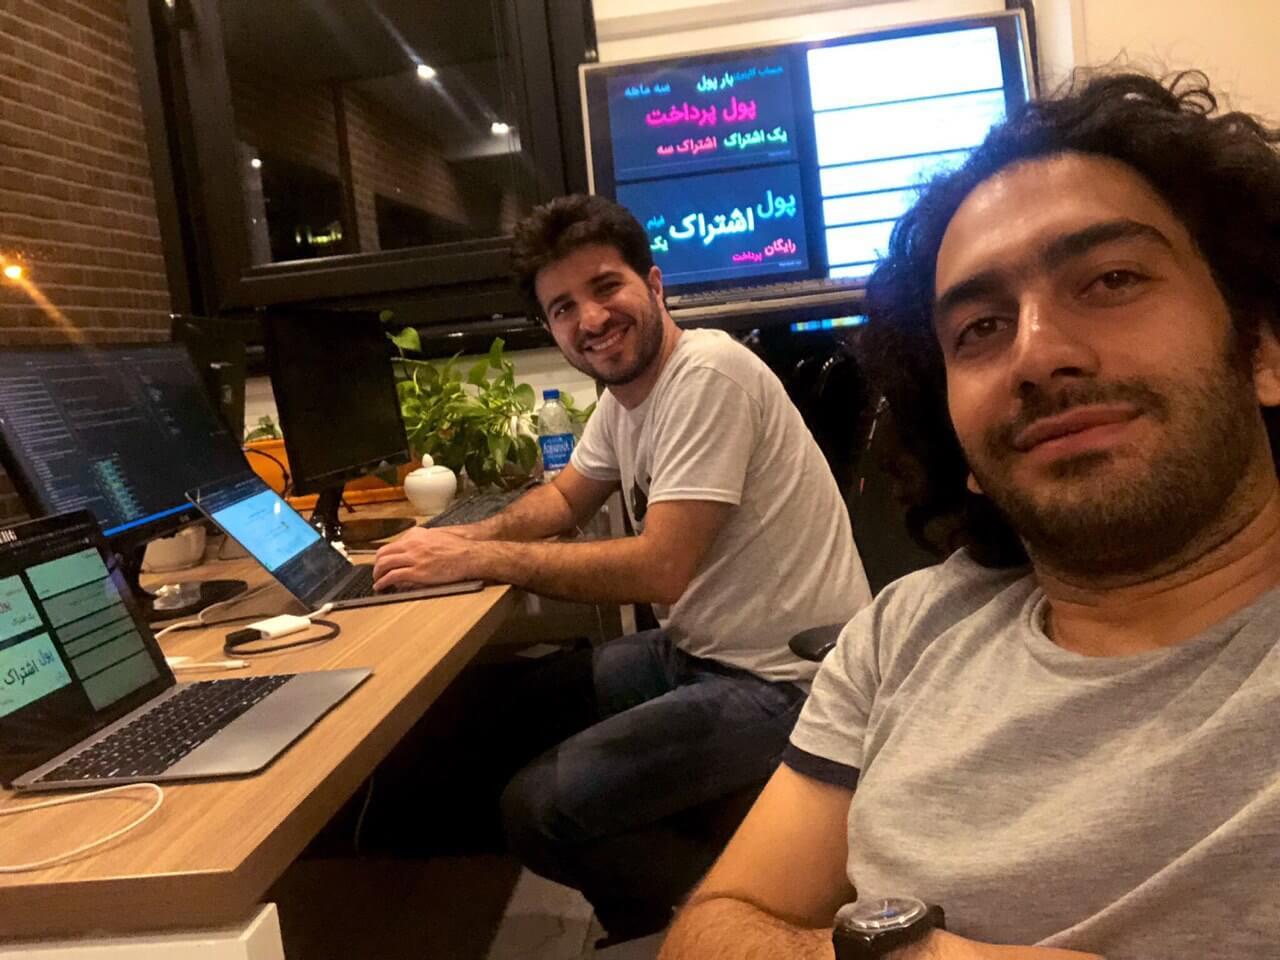 محل قرارگیری تلویزیون - (علی ناصری توسعهدهنده رابط کاربری و من)